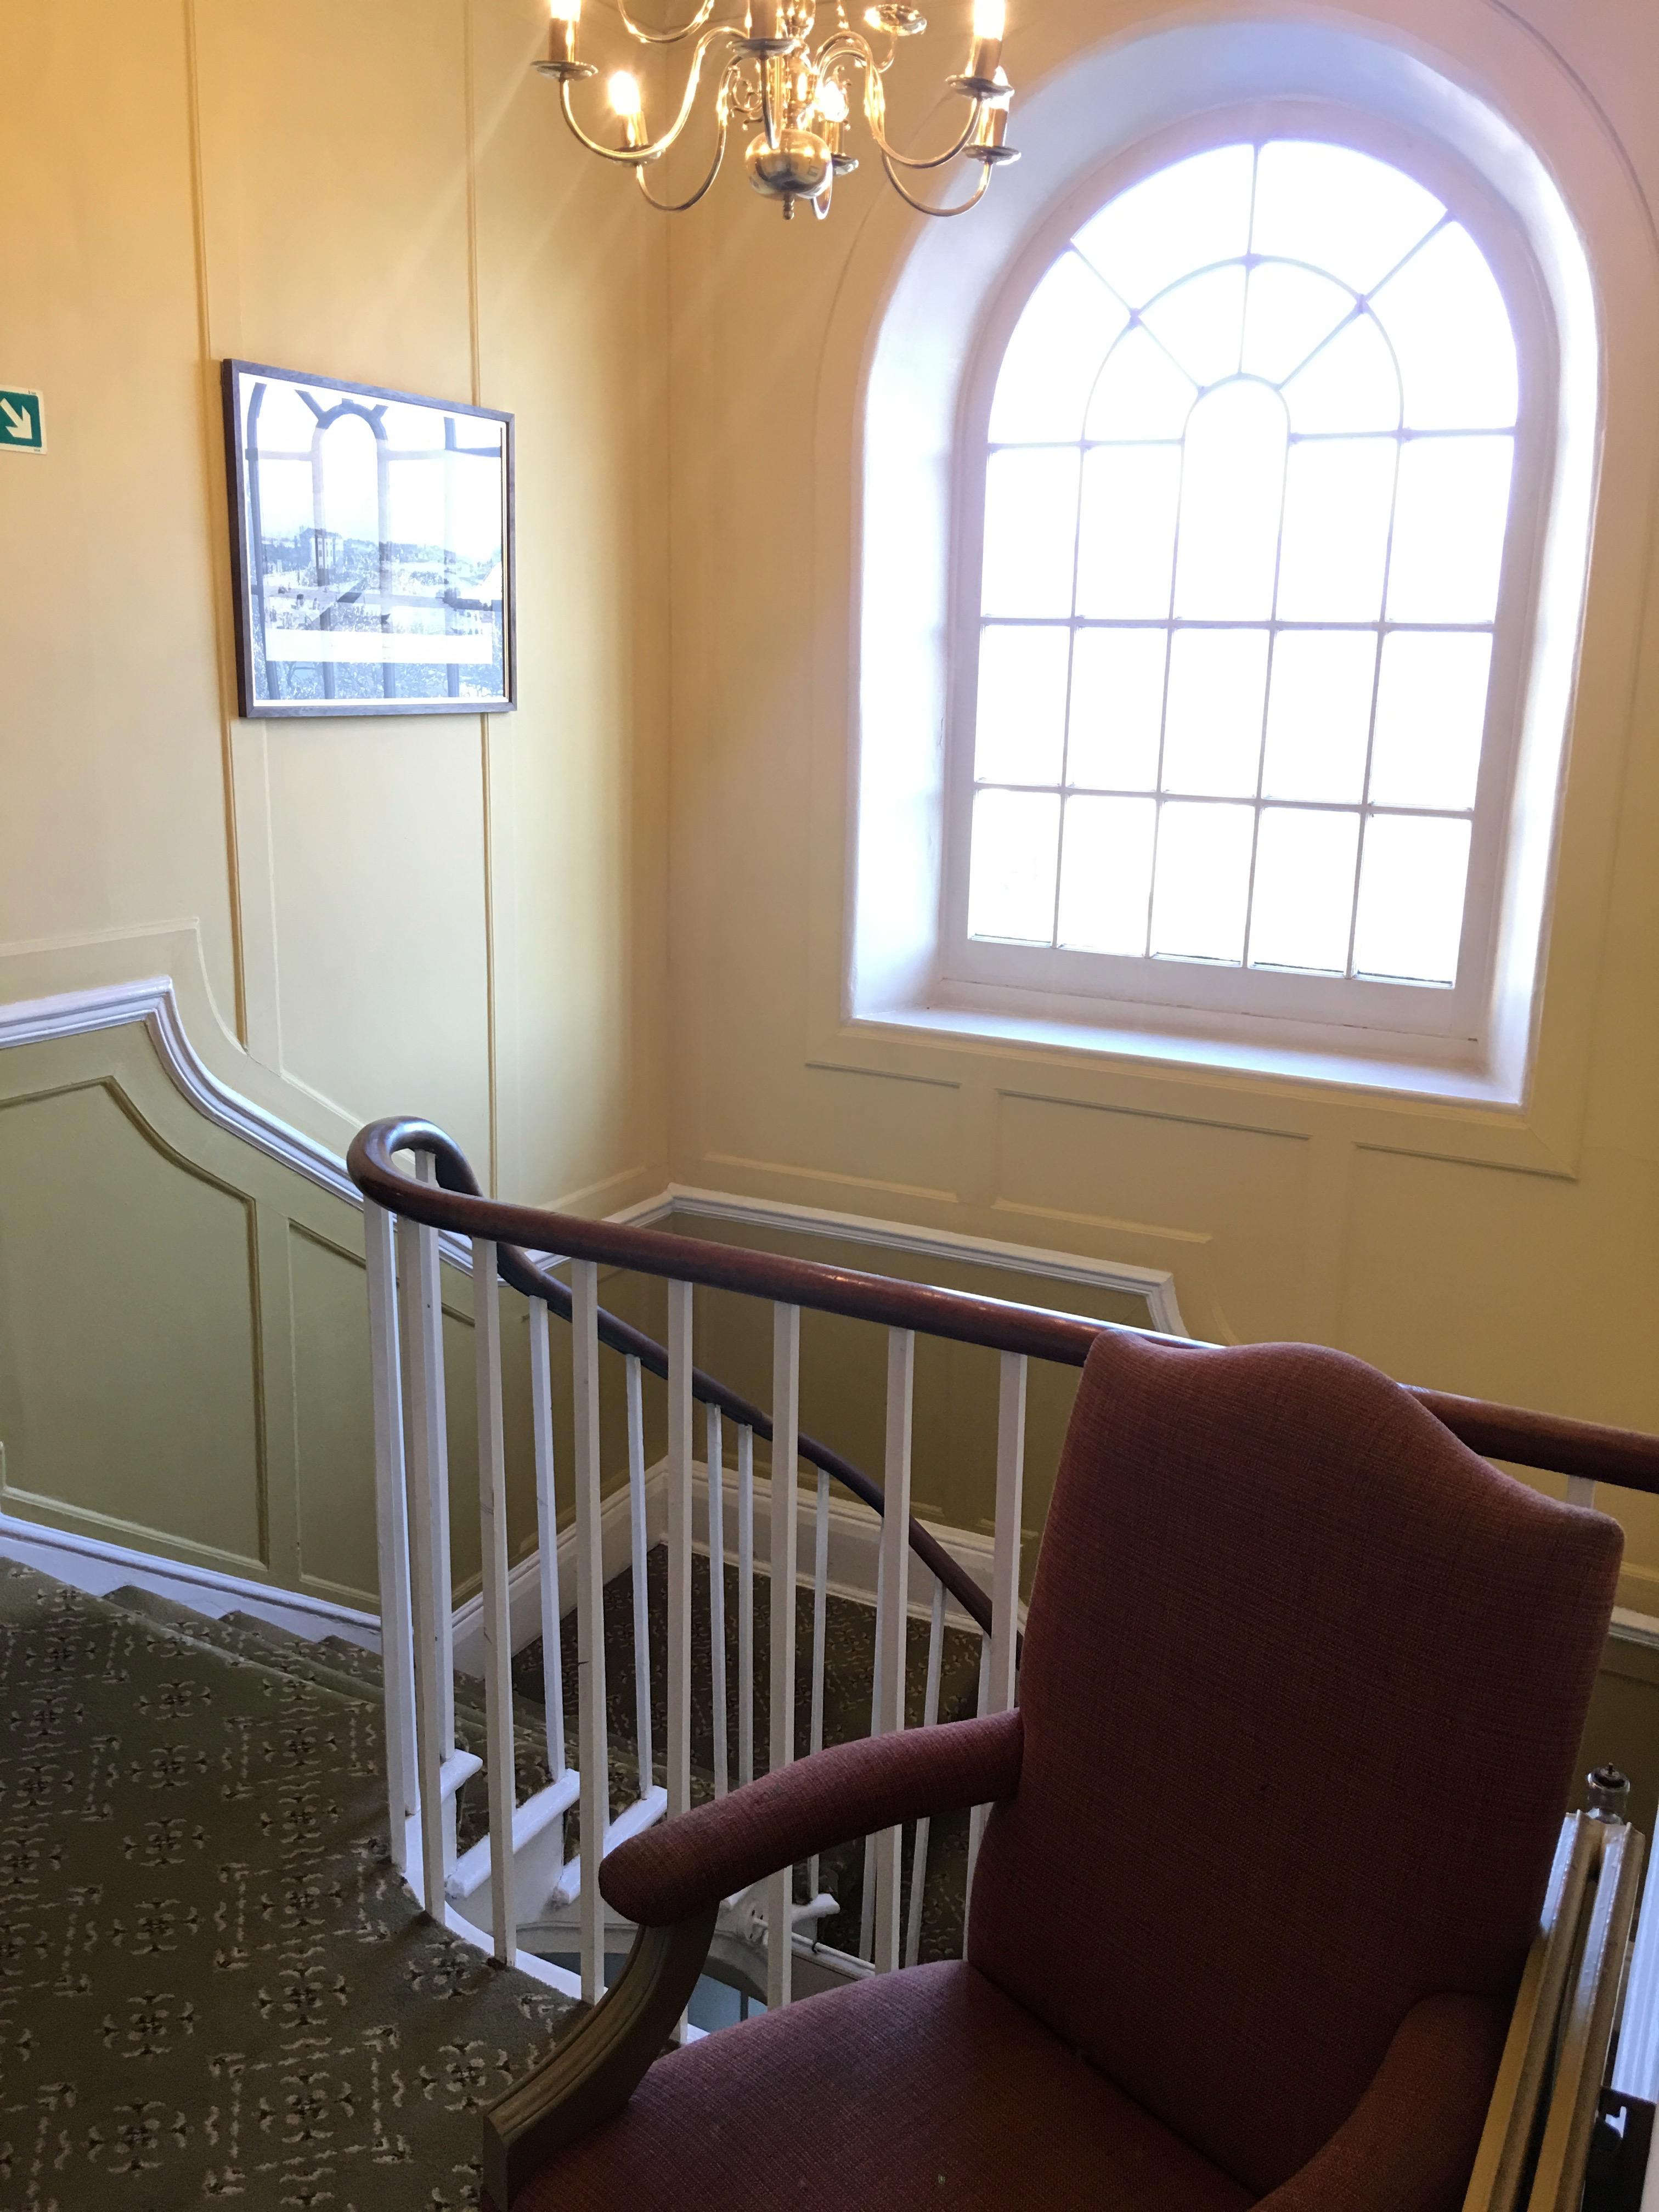 Treppenhaus im Hotel gleicht englischem Landsitz